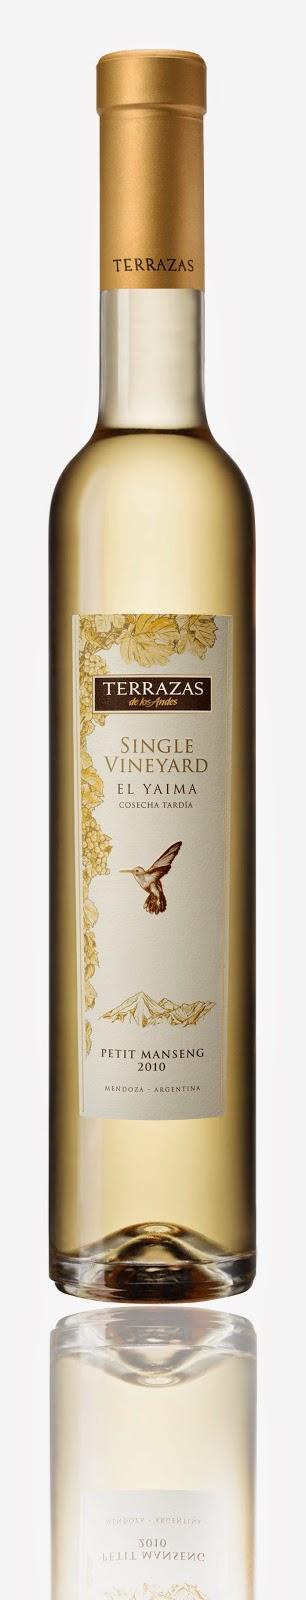 On The Wine Side Vinos De Postre Para Todos Los Gustos